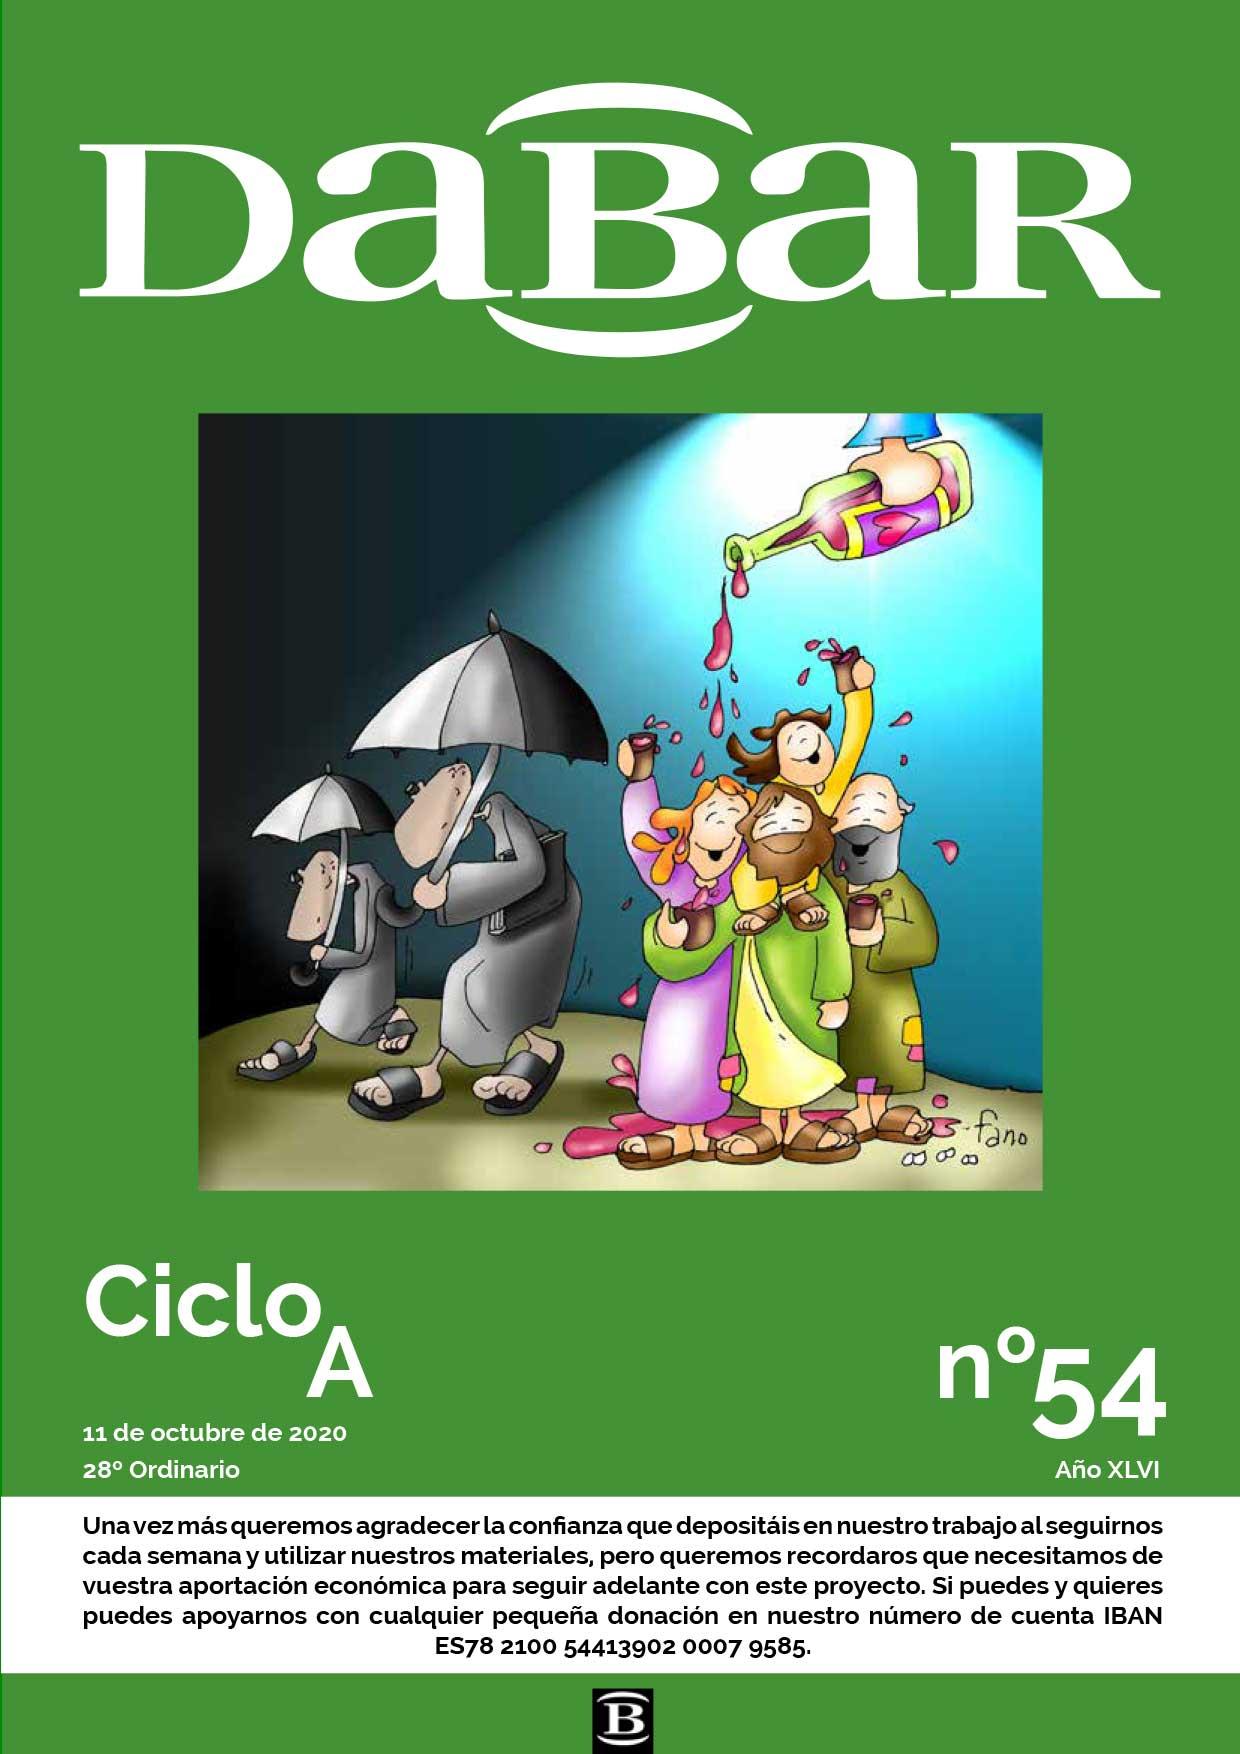 Dabar Revista numero 54 ciclo A